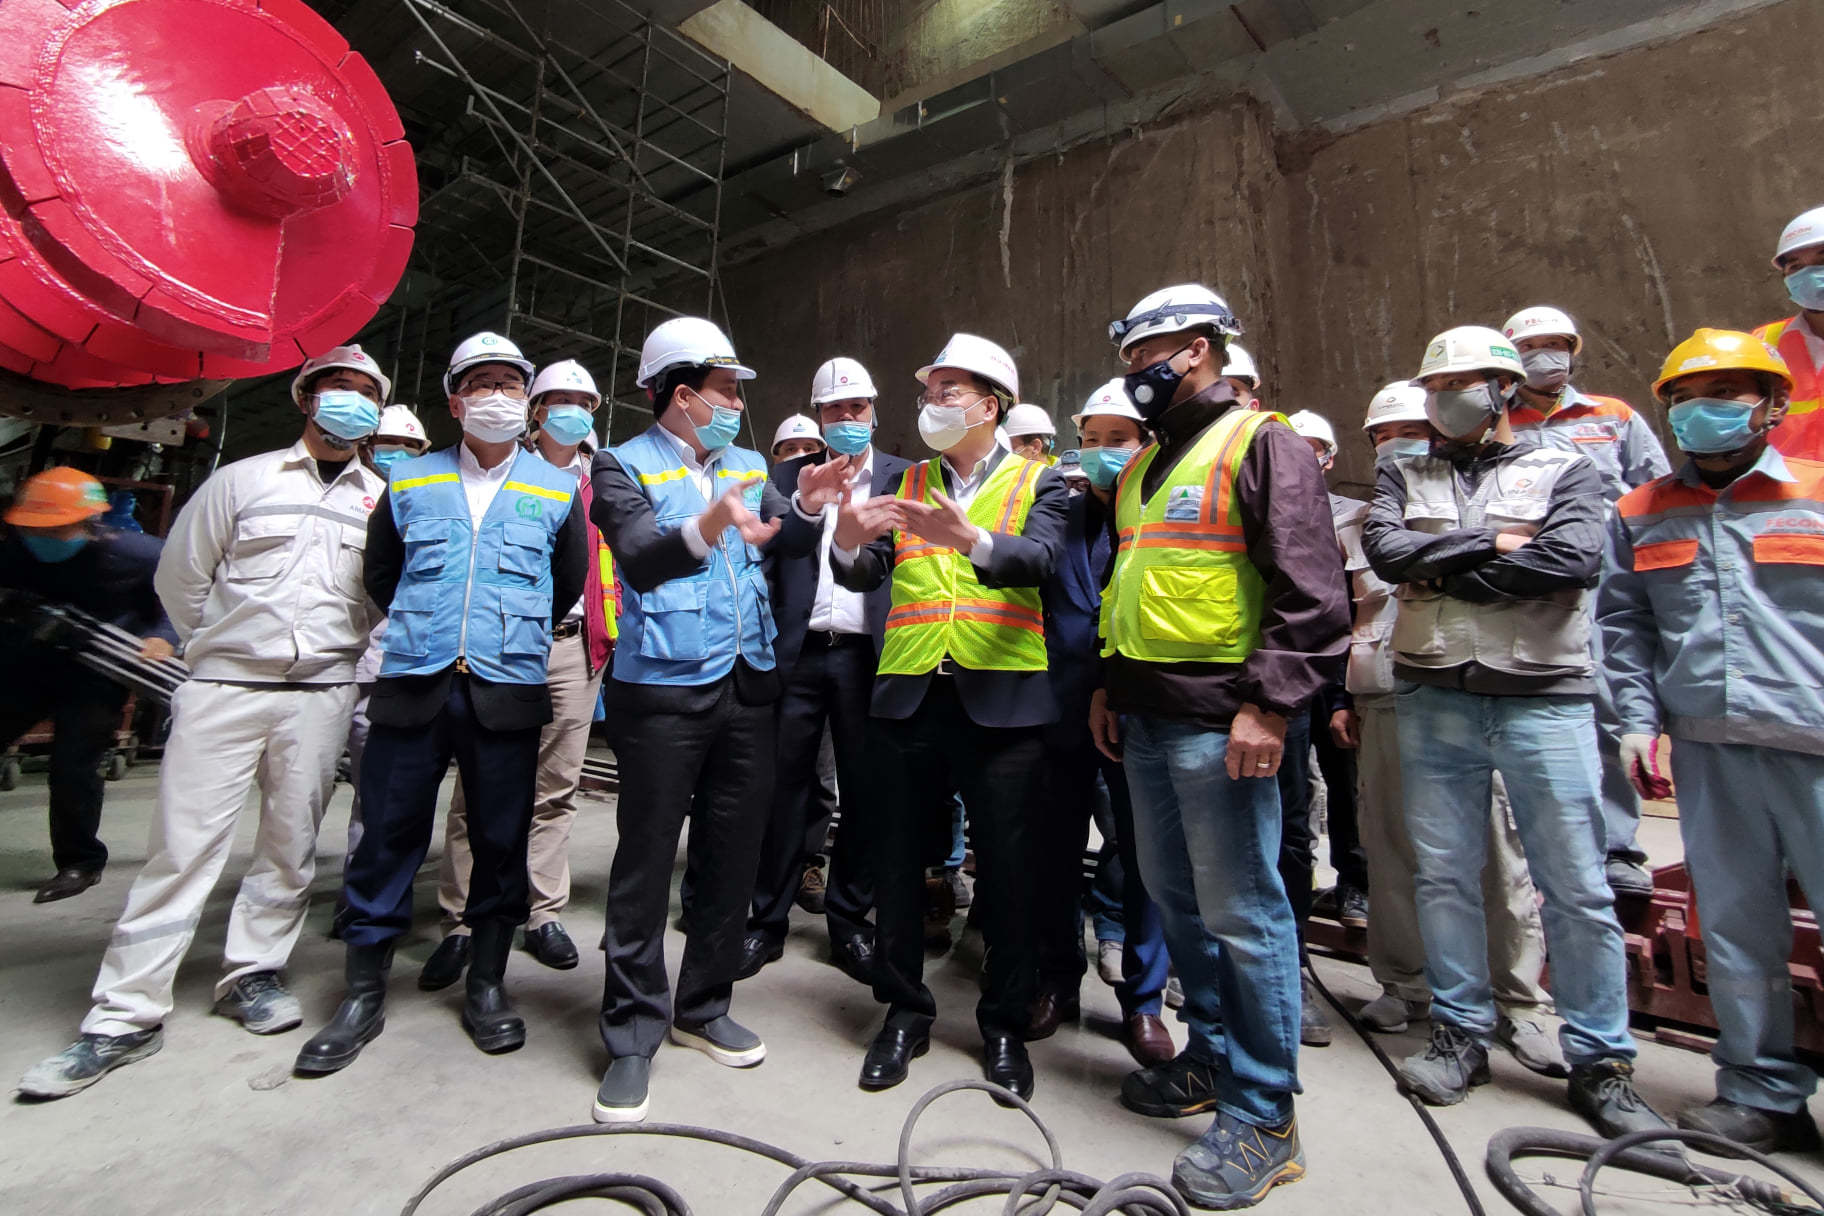 29 Tết, Chủ tịch Hà Nội xuống đáy ga ngầm chúc Tết công nhân